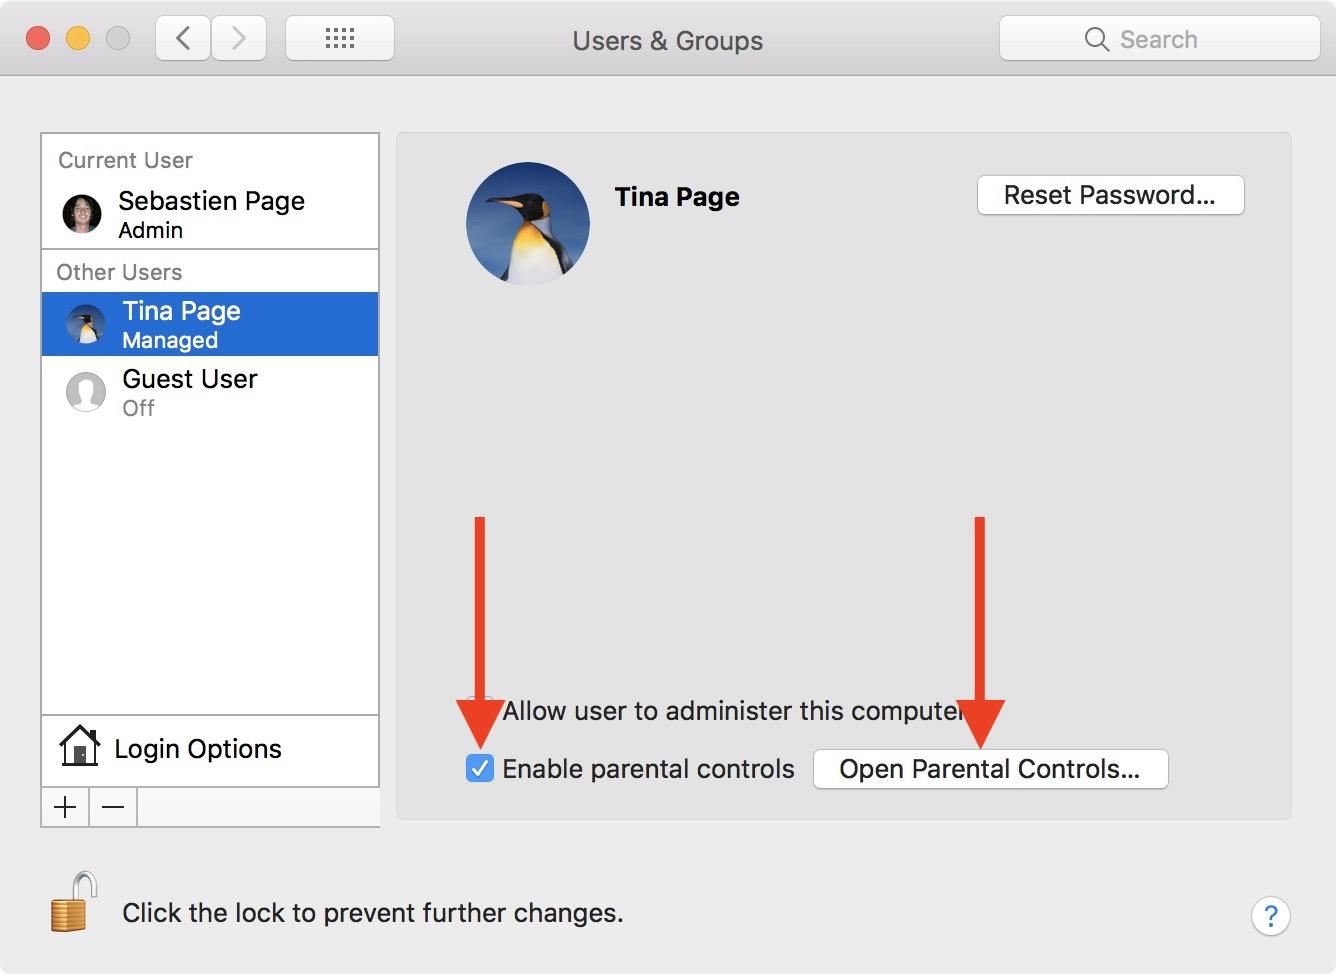 Habilitar controles parentales en Mac